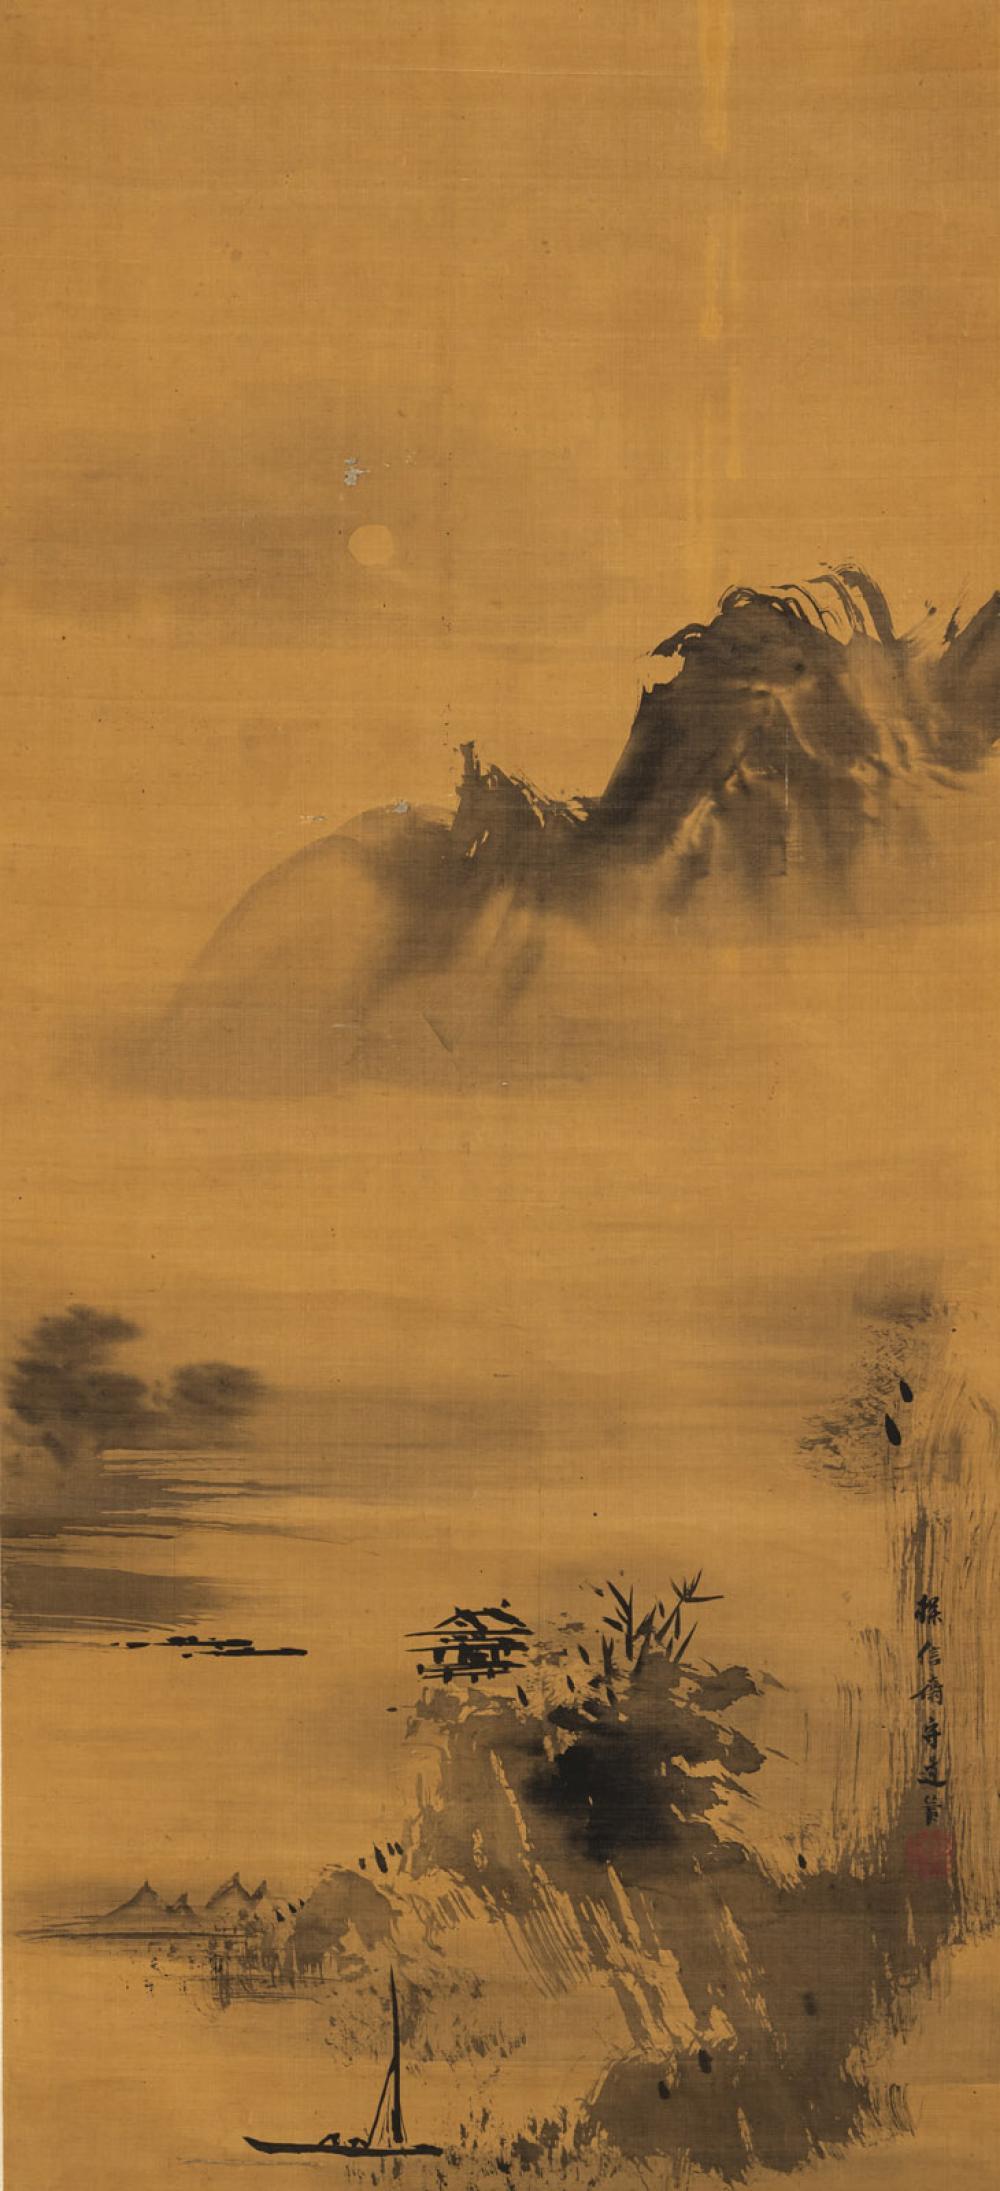 KANO TANSHIN (1785 - 1835)